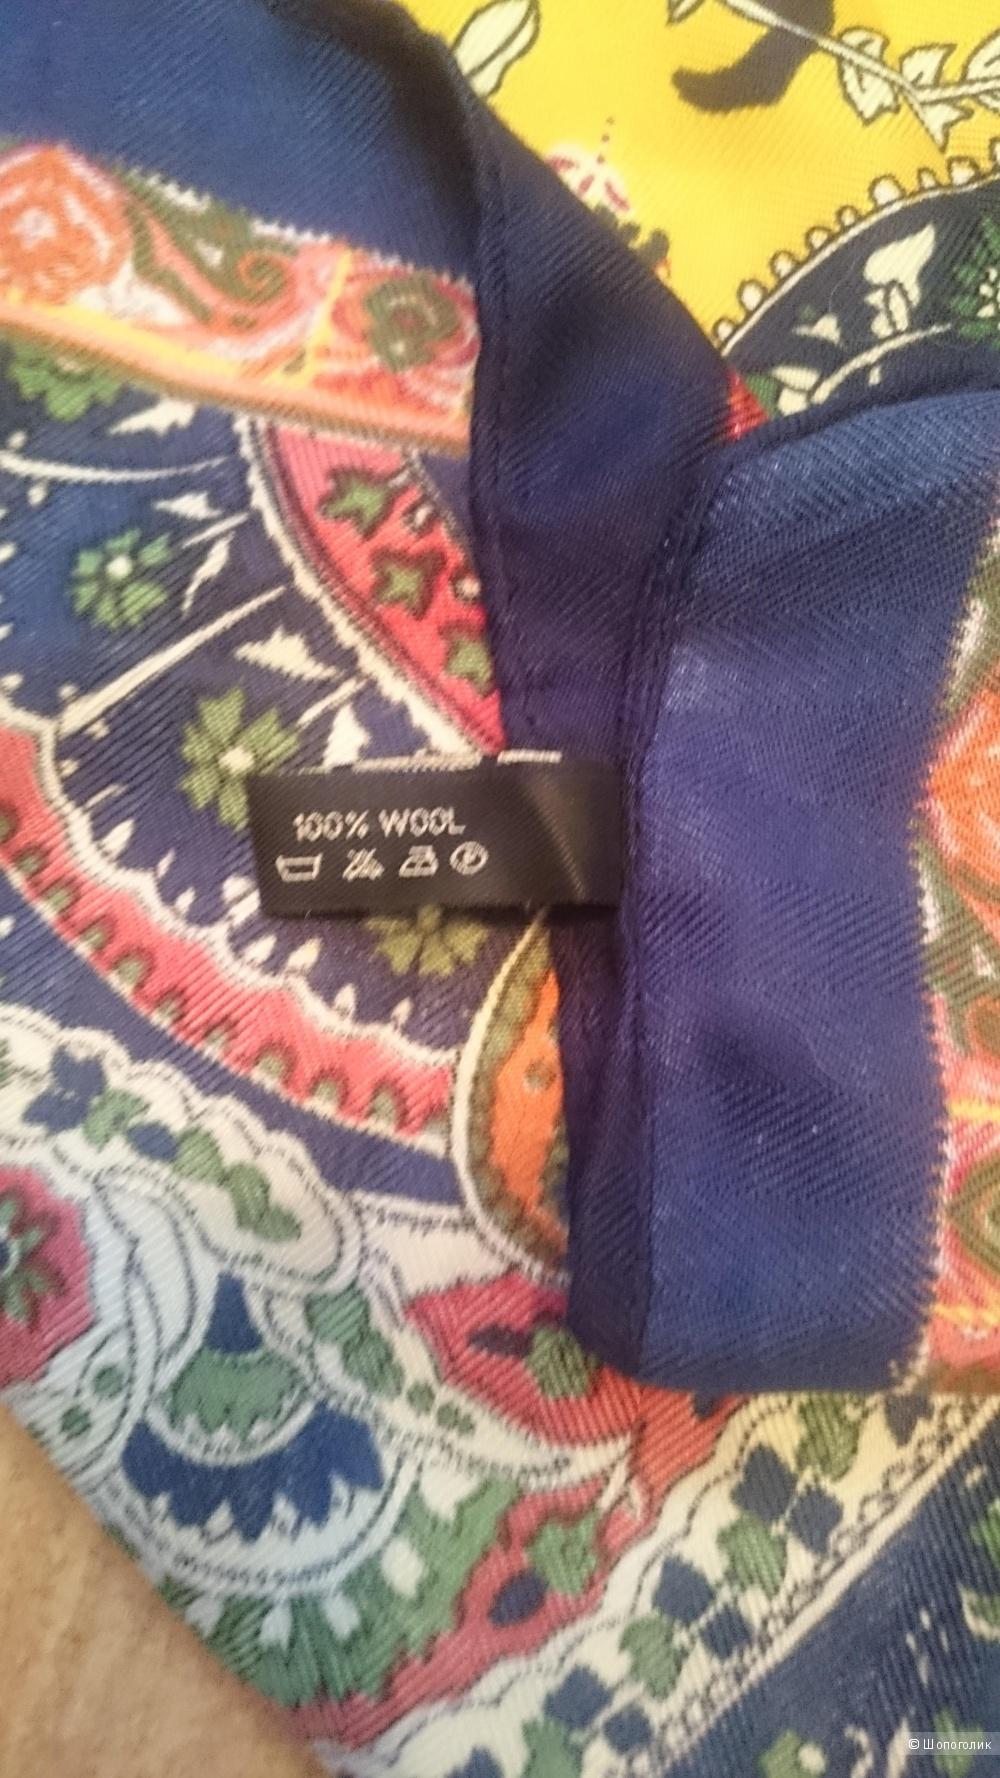 Сет из двух платков  Etro, 100% шерсть, 130/130